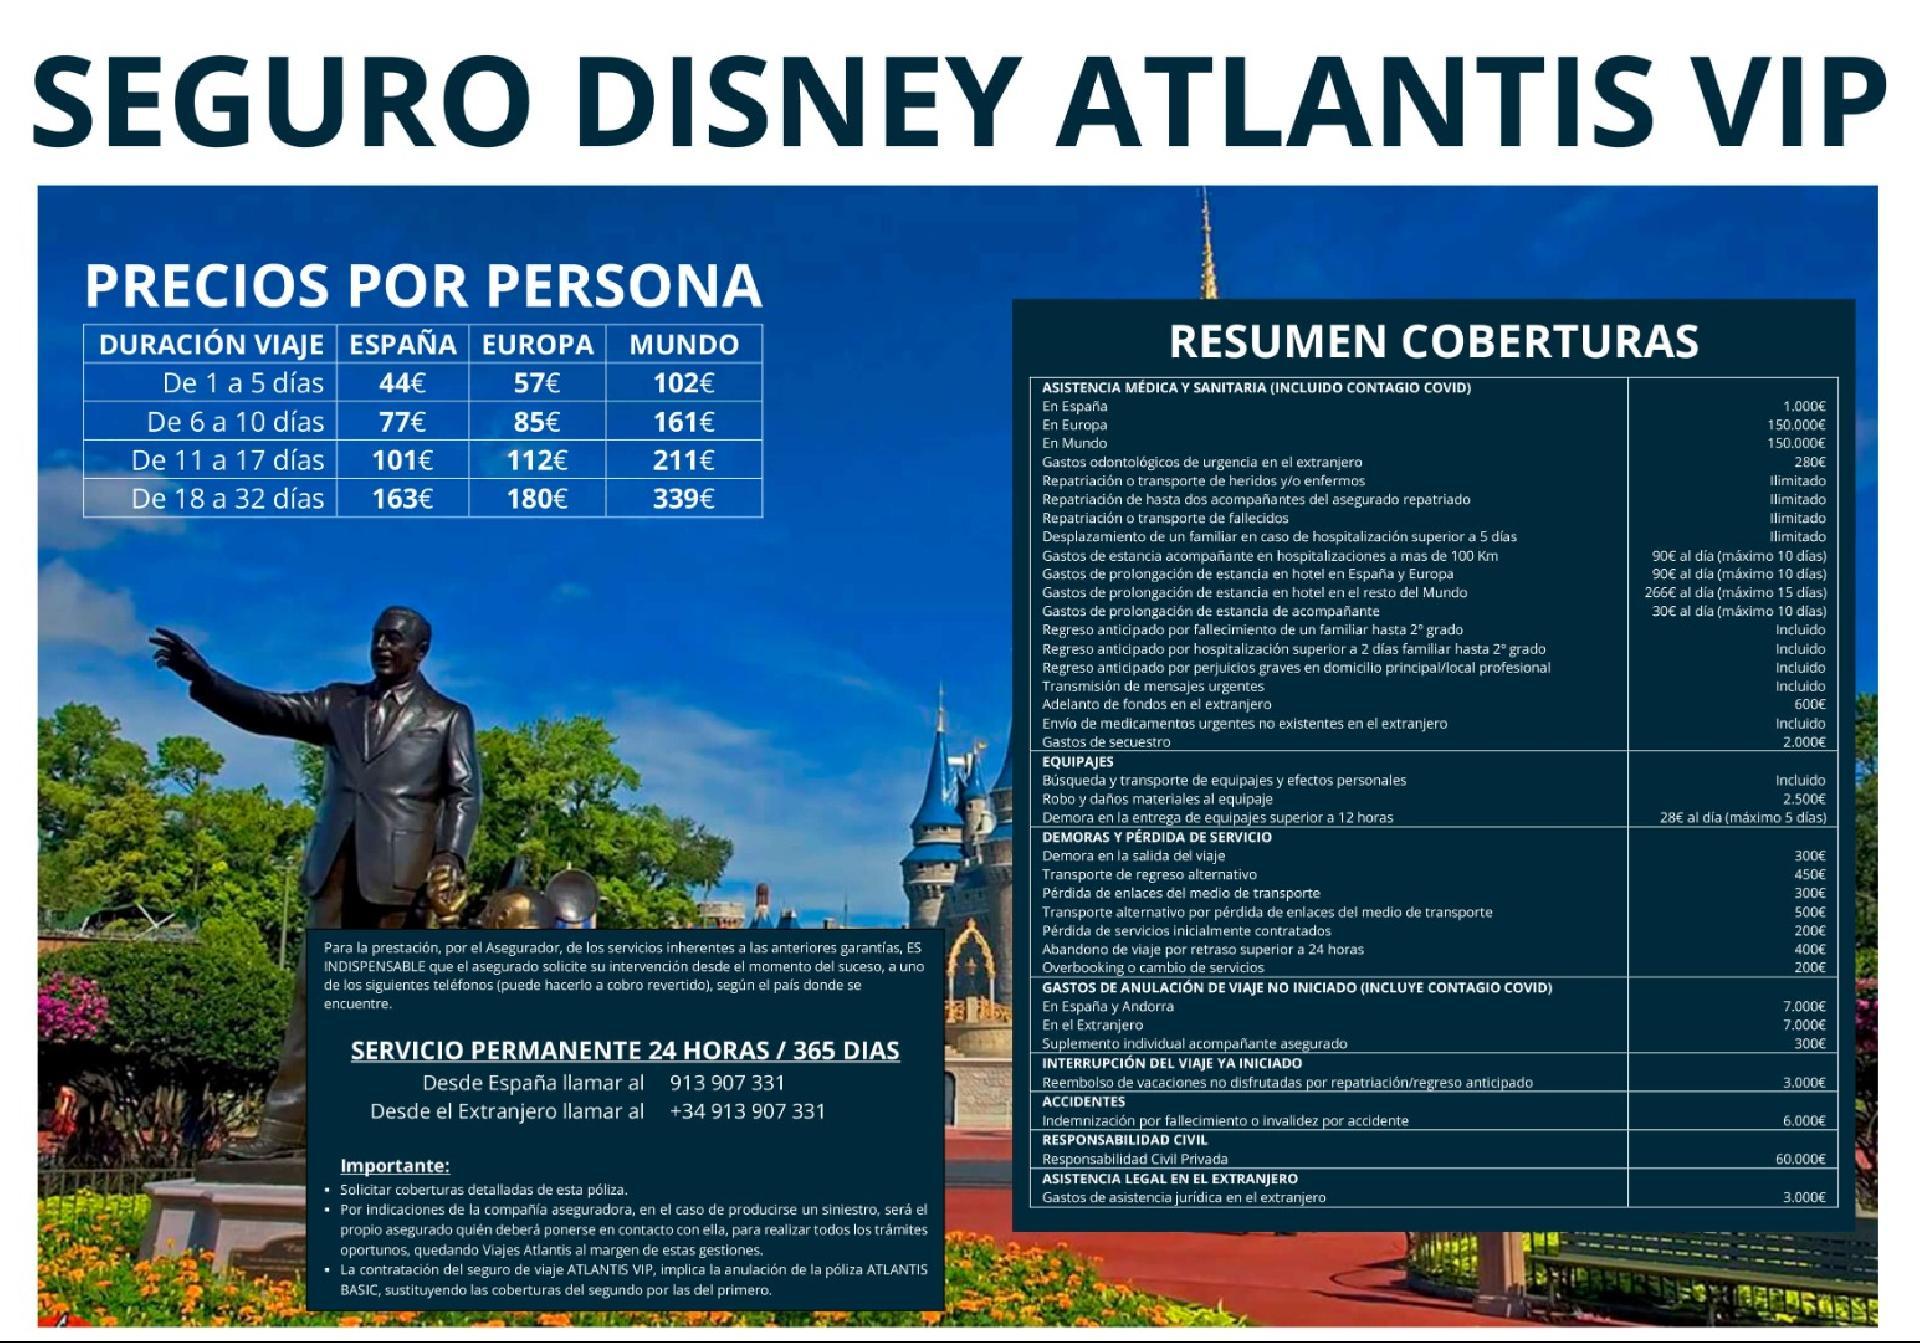 Seguro de Viaje DISNEY ATLANTIS VIP